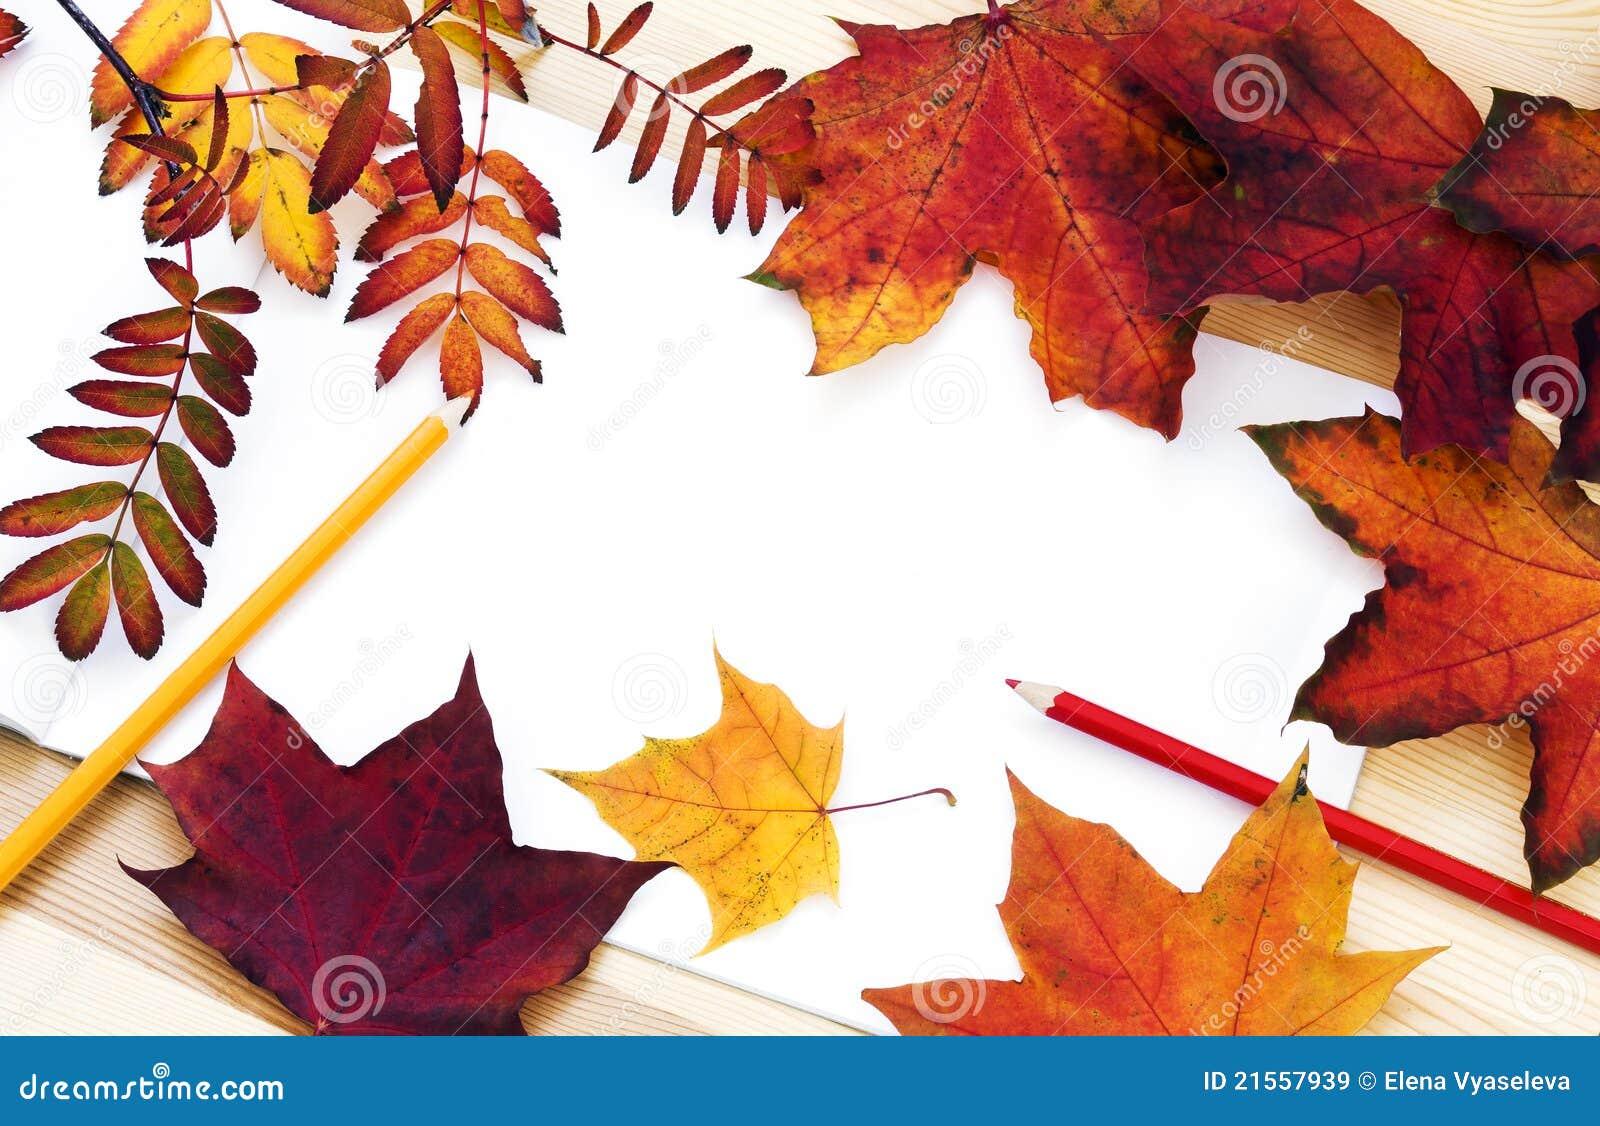 Wir Zeichnen Den Herbst Stockbild Bild Von Schonheit 21557939